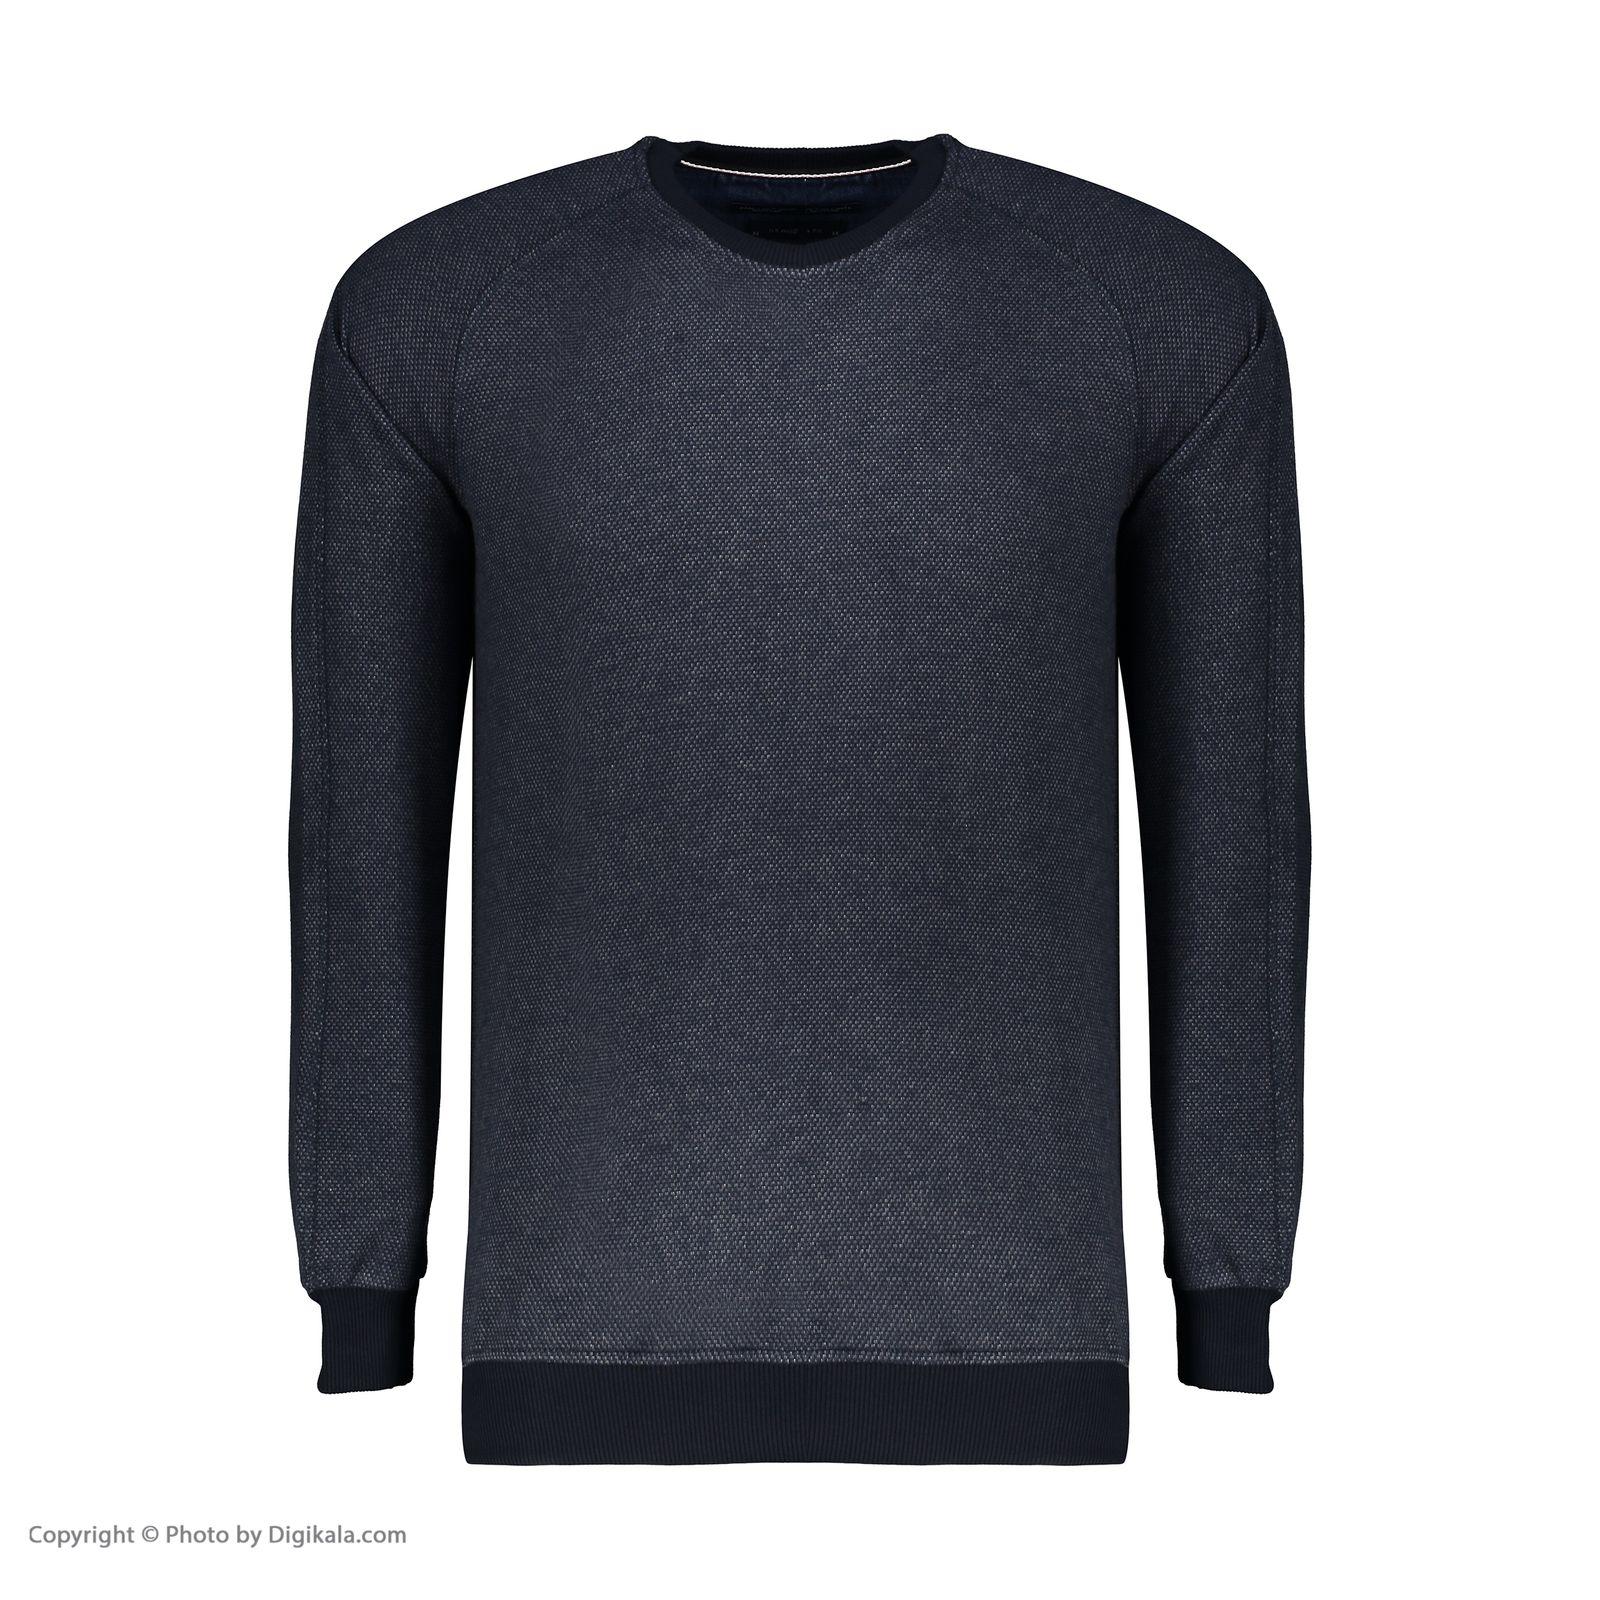 پلیور مردانه جامه پوش آرا مدل ۴۵۶۱۰۲۸۱۲۸-۹۹